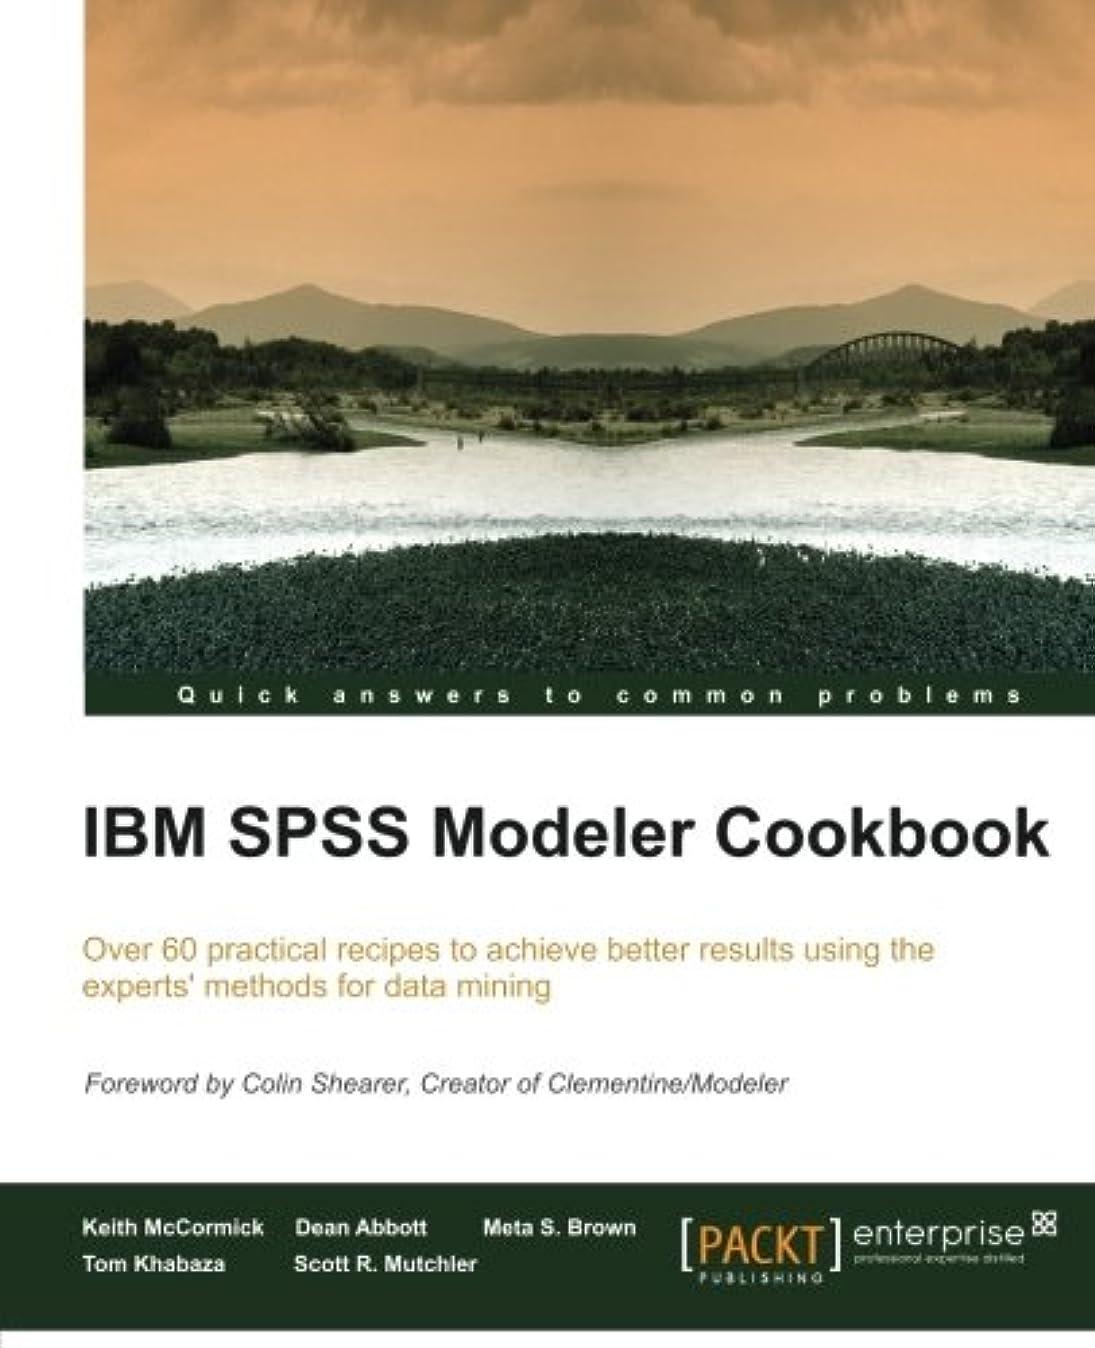 フェデレーション昆虫似ているIBM SPSS Modeler Cookbook: Over 60 Practical Recipes to Achieve Better Results Using the Experts' Methods for Data Mining